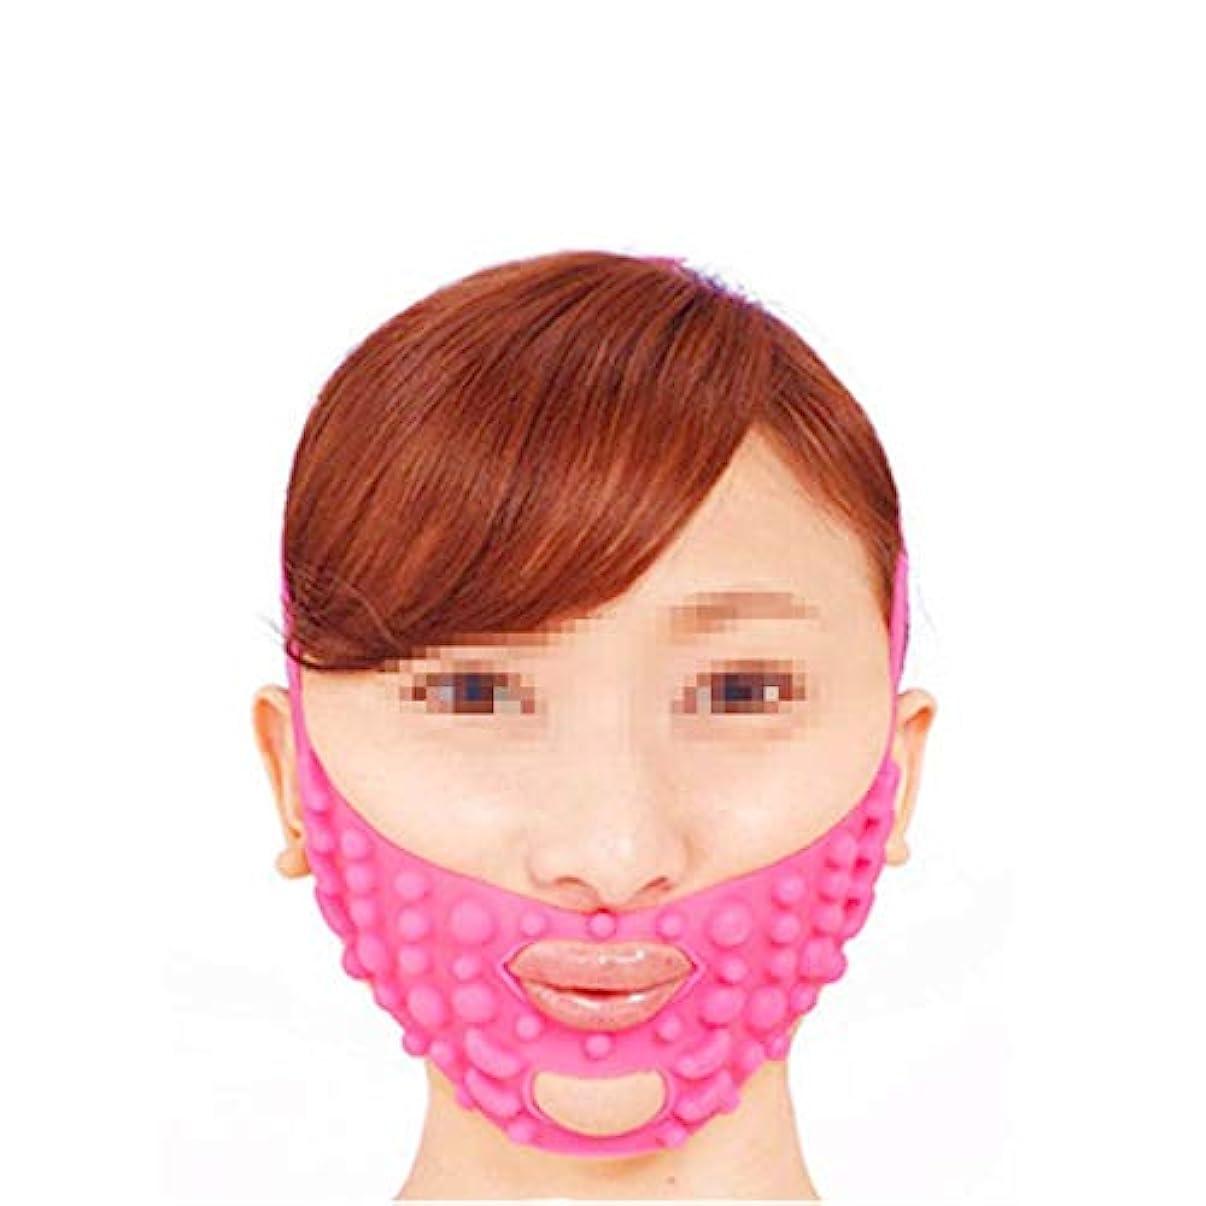 郊外強調女優シリコンマッサージフェイスマスク、きちんと形をした小さいVフェイスリフトをデコードパターンフェイスリフトバンデージピンク